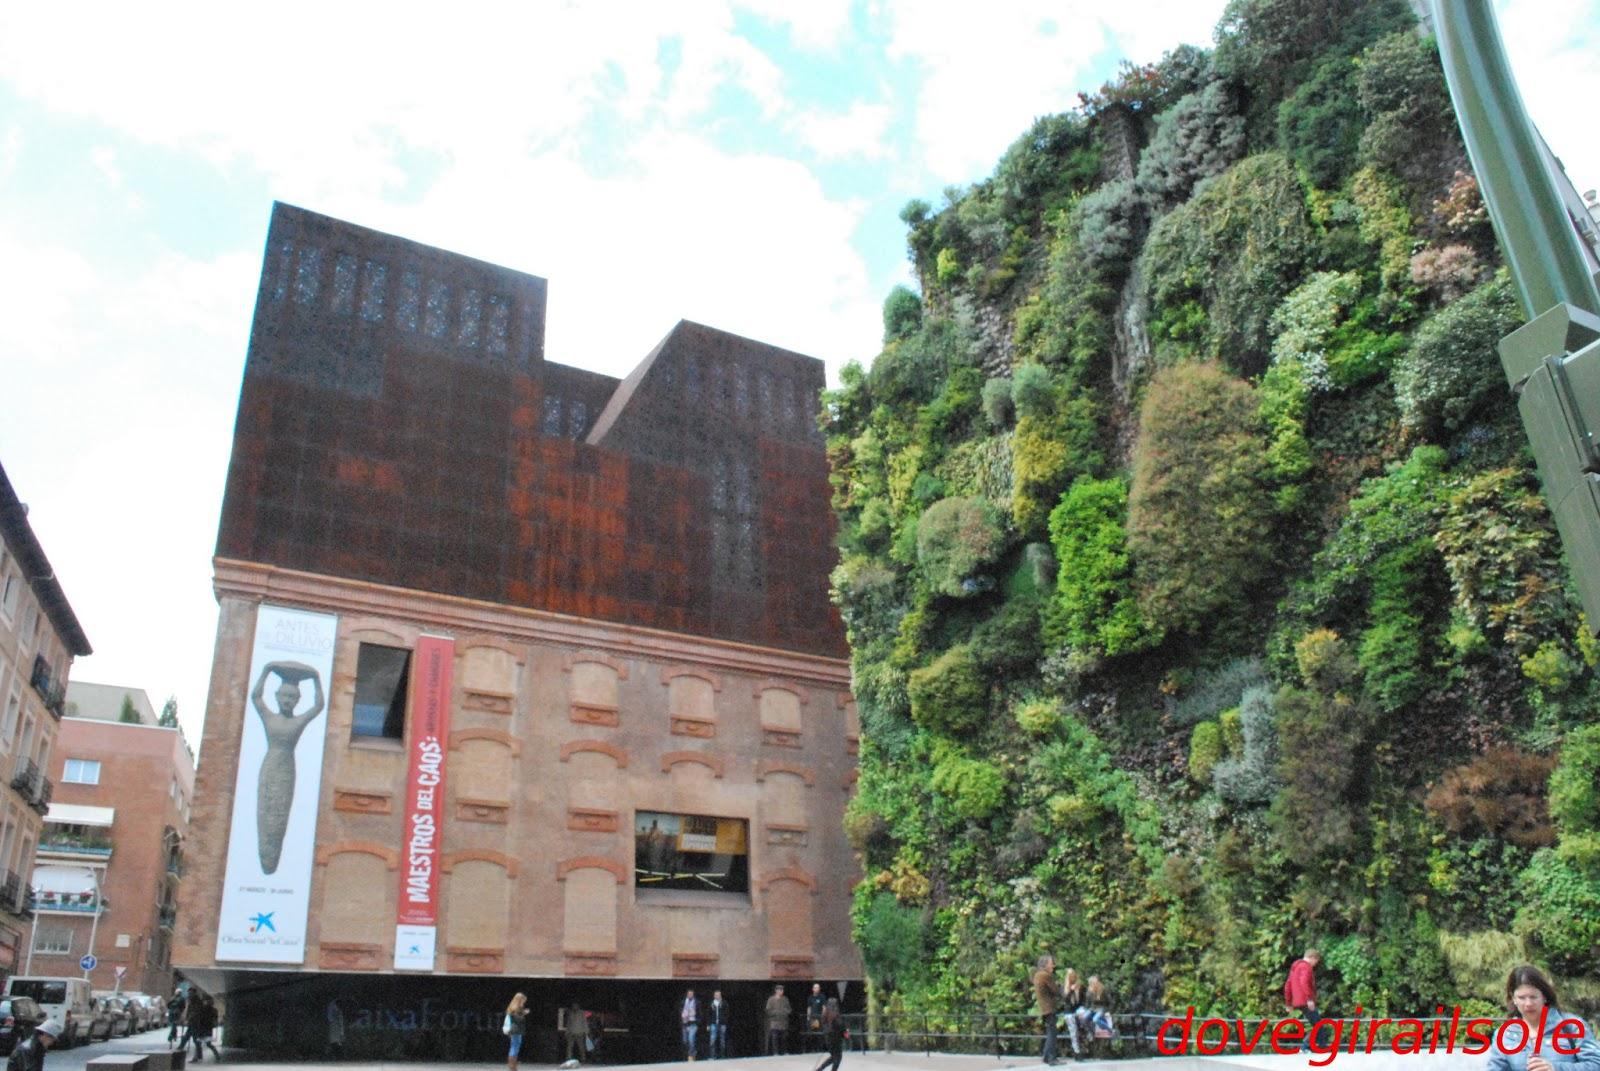 Il giardino verticale di madrid e altre storie - Giardino verticale madrid ...